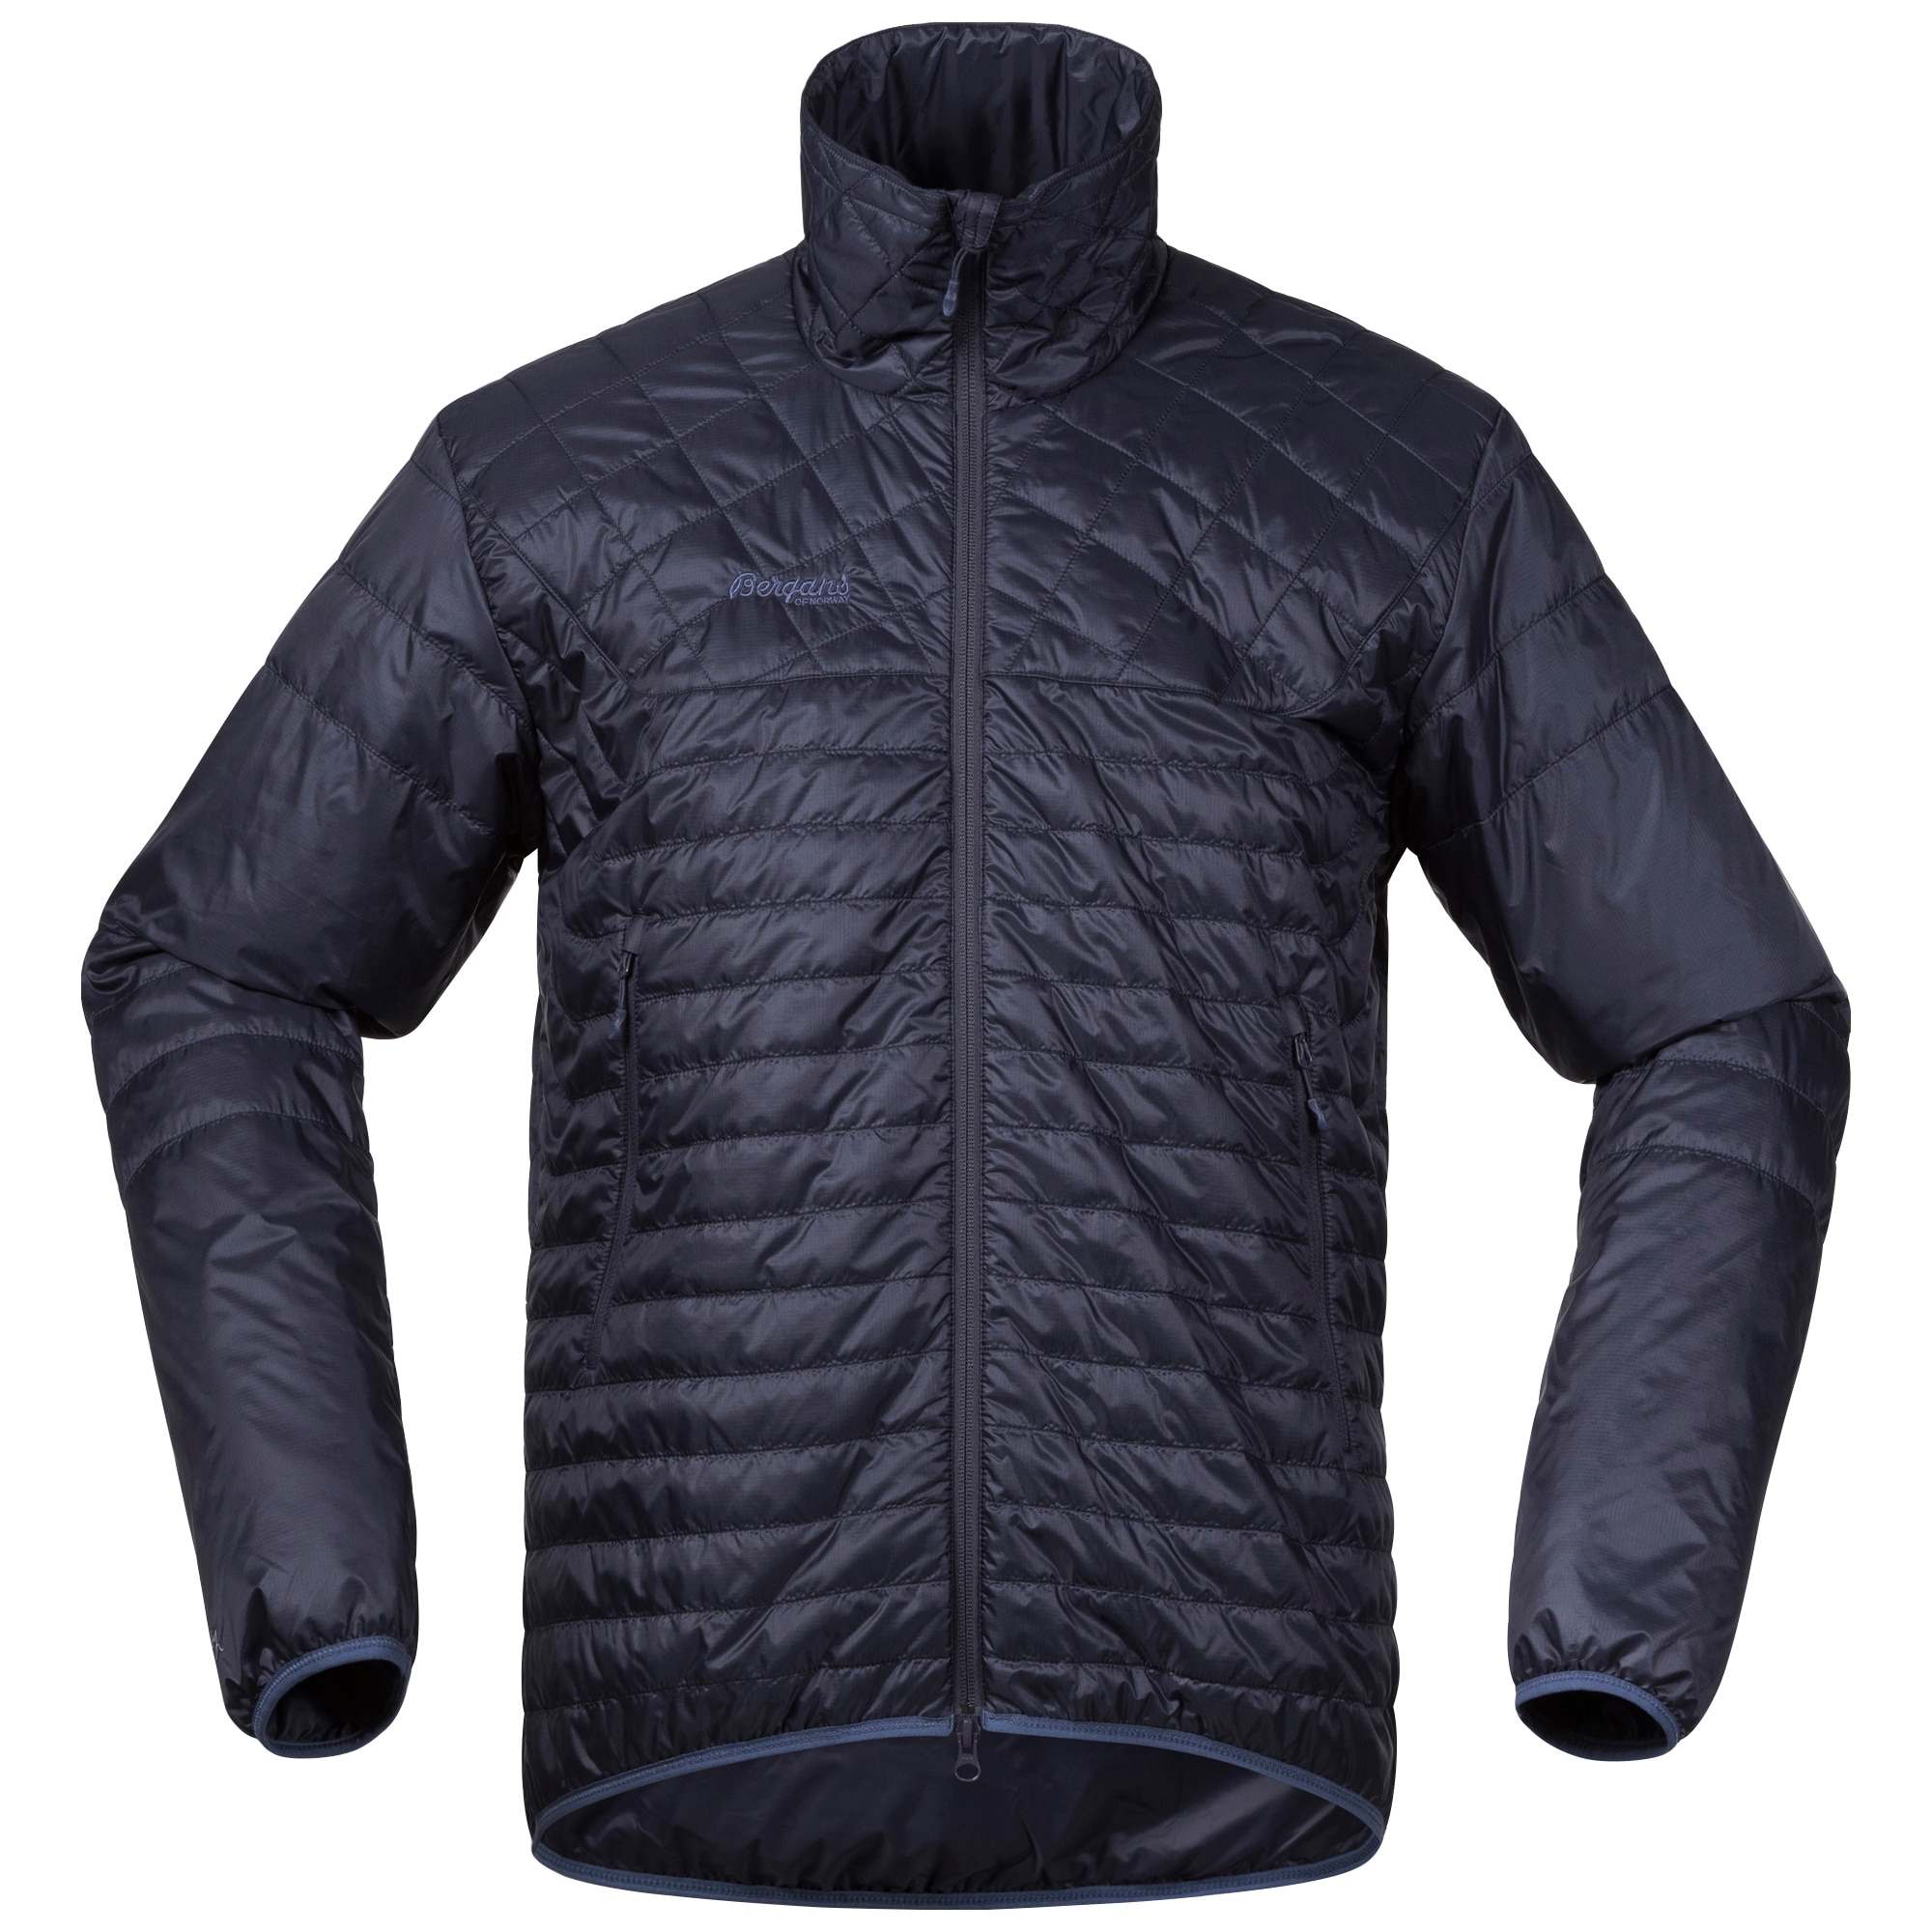 Uranostind Insulated Jacket